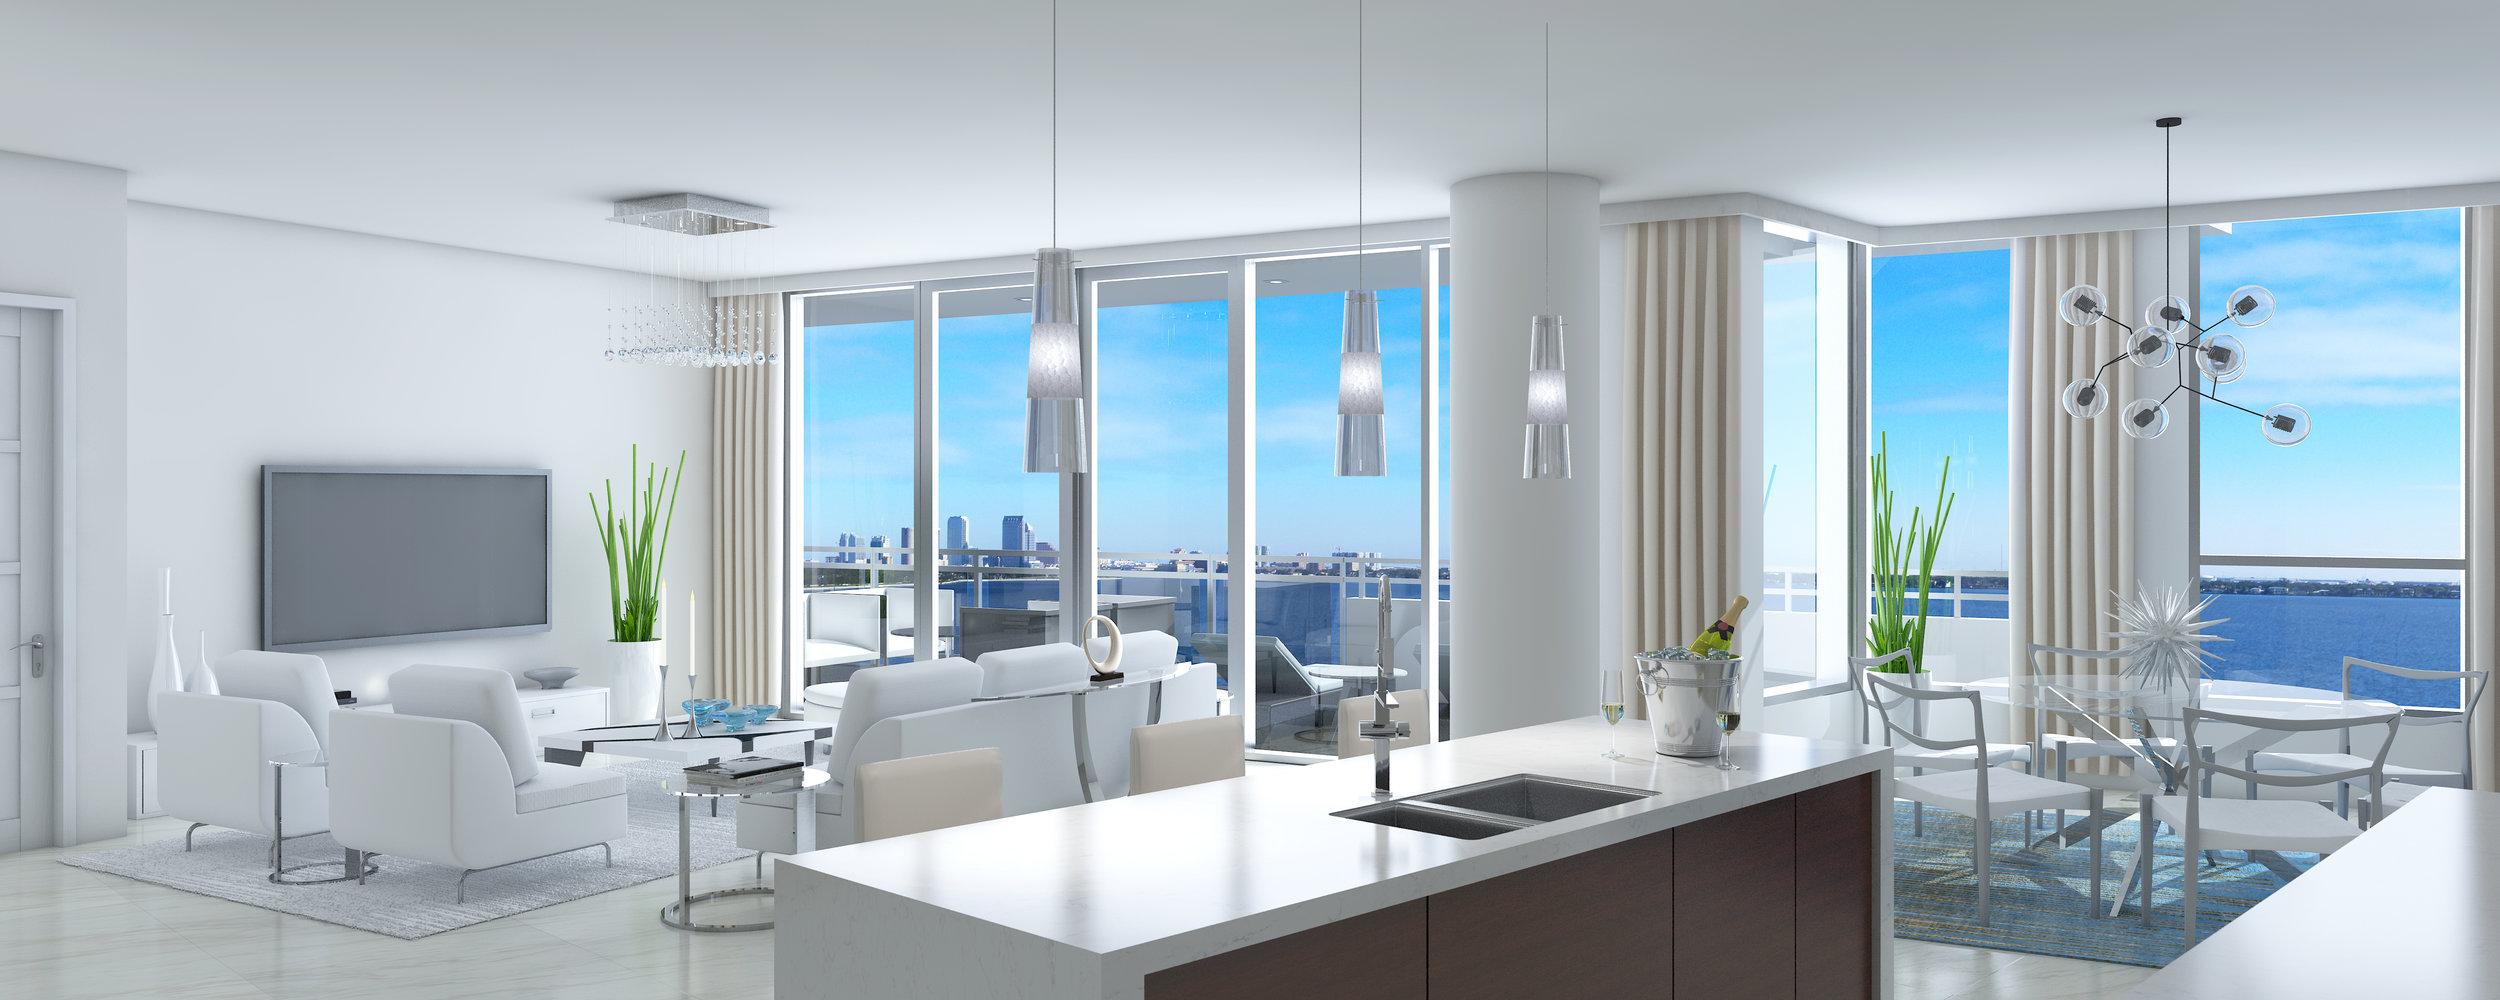 Residence with glorious views.jpg